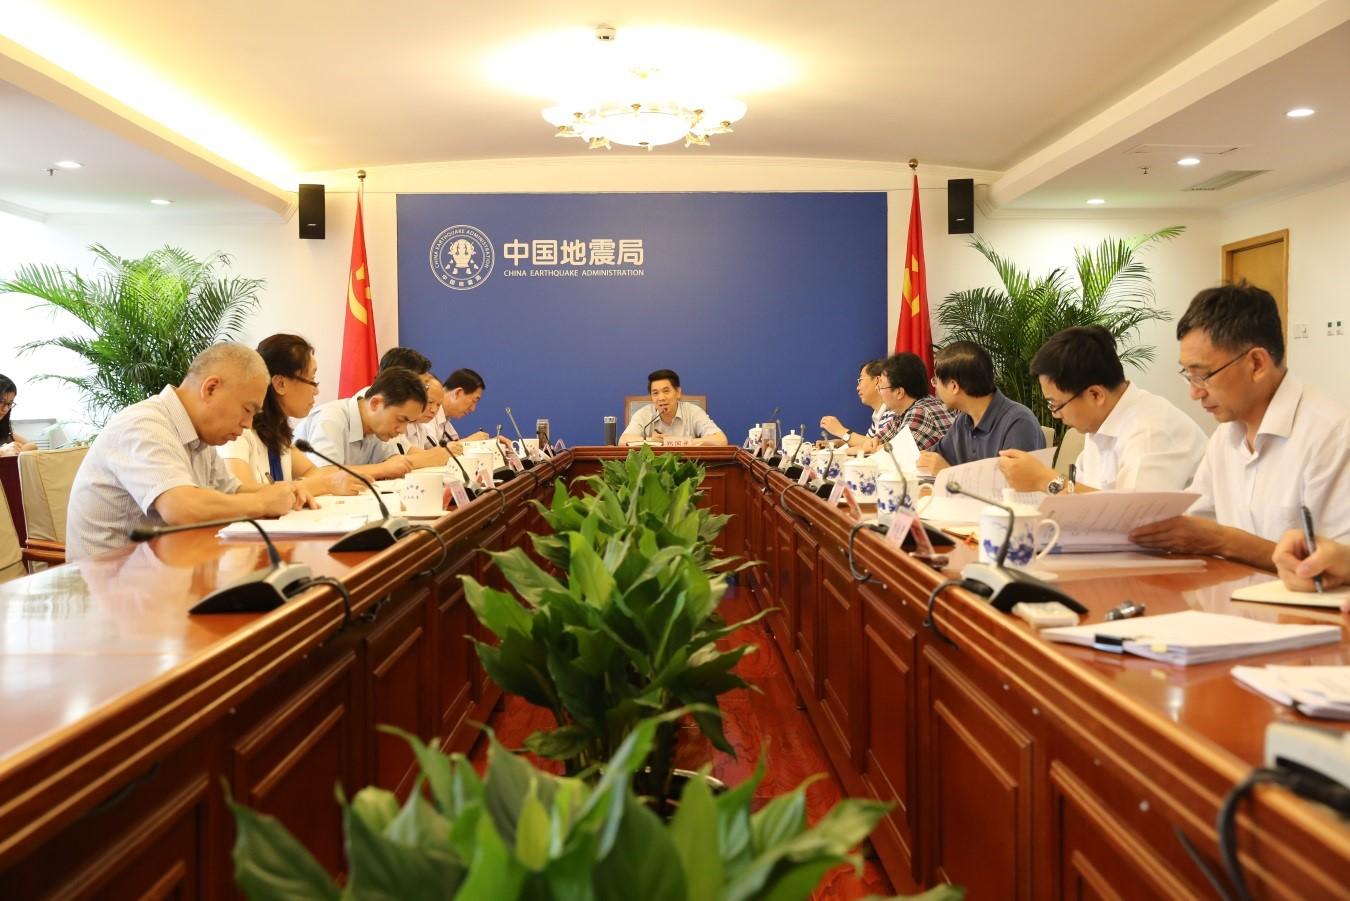 郑国光主持召开中国地震局第4次局务会议